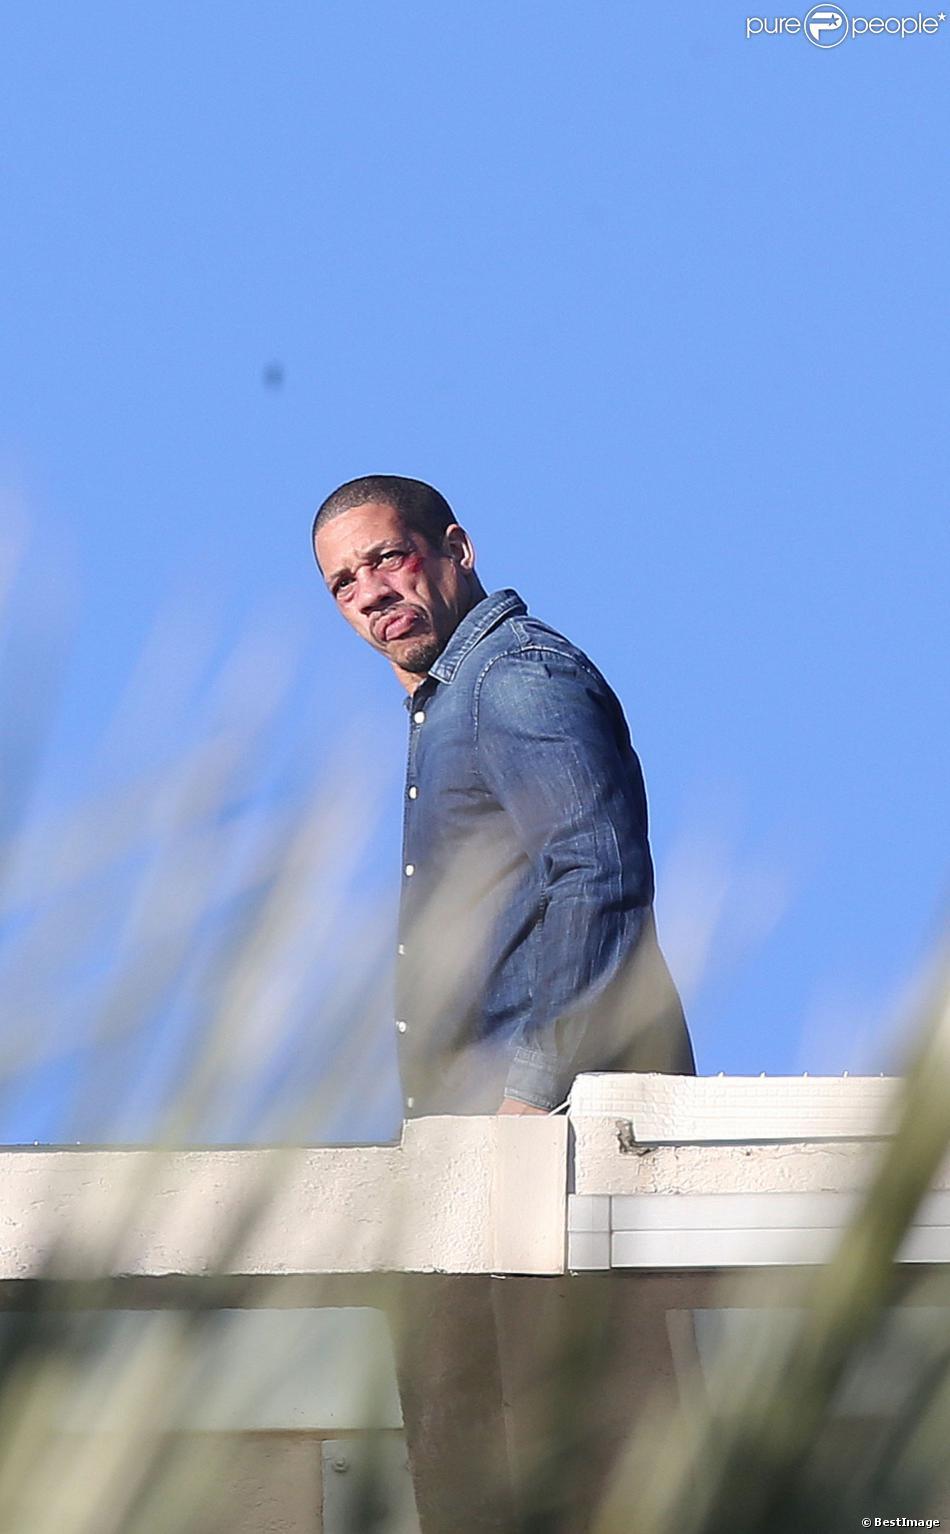 """Exclusif - JoeyStarr sur le tournage du film policier """"36 Heures à tuer"""", le nom provisoire du prochain film de Tristan Aurouet, à Cannes, sur le toit du Grand Hôtel, le 11 février 2014"""